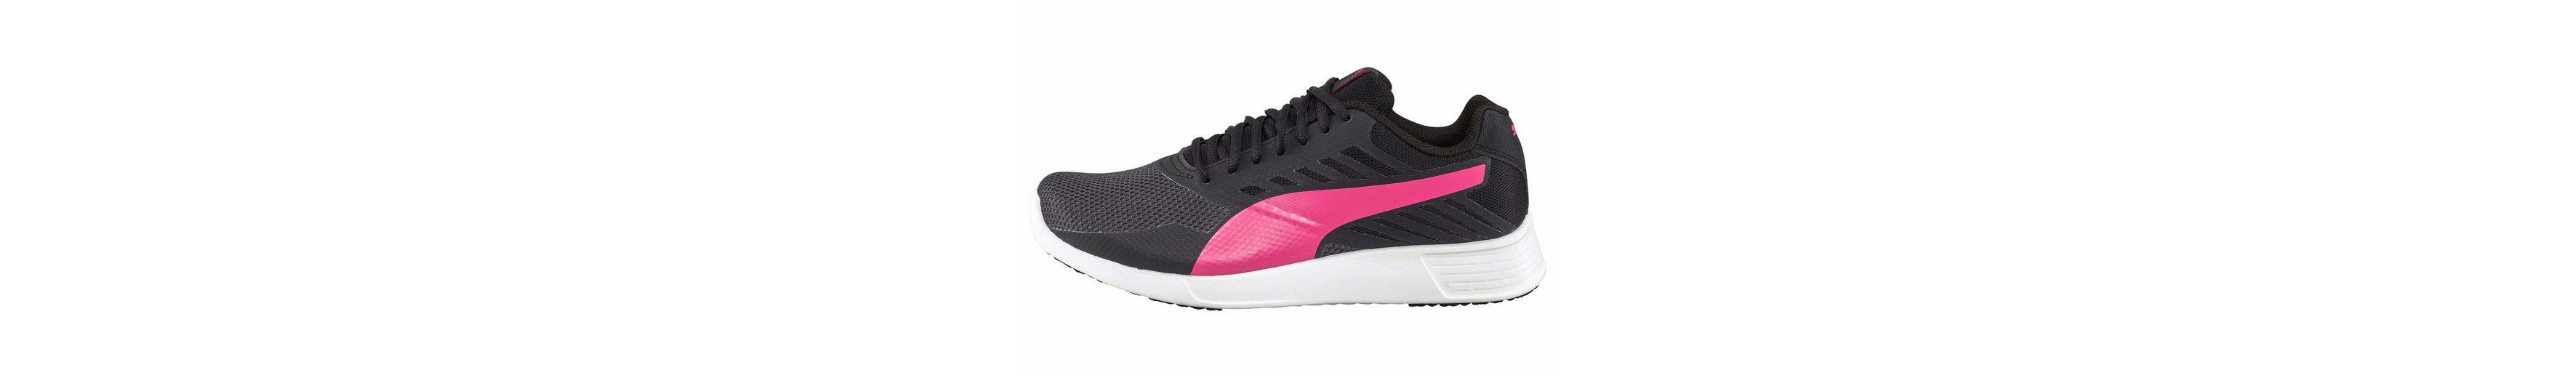 Billig Verkauf Vorbestellung Günstig Kaufen Outlet-Store PUMA St Trainer Pro Sneaker Freies Verschiffen Countdown-Paket Nynv7Zgtz